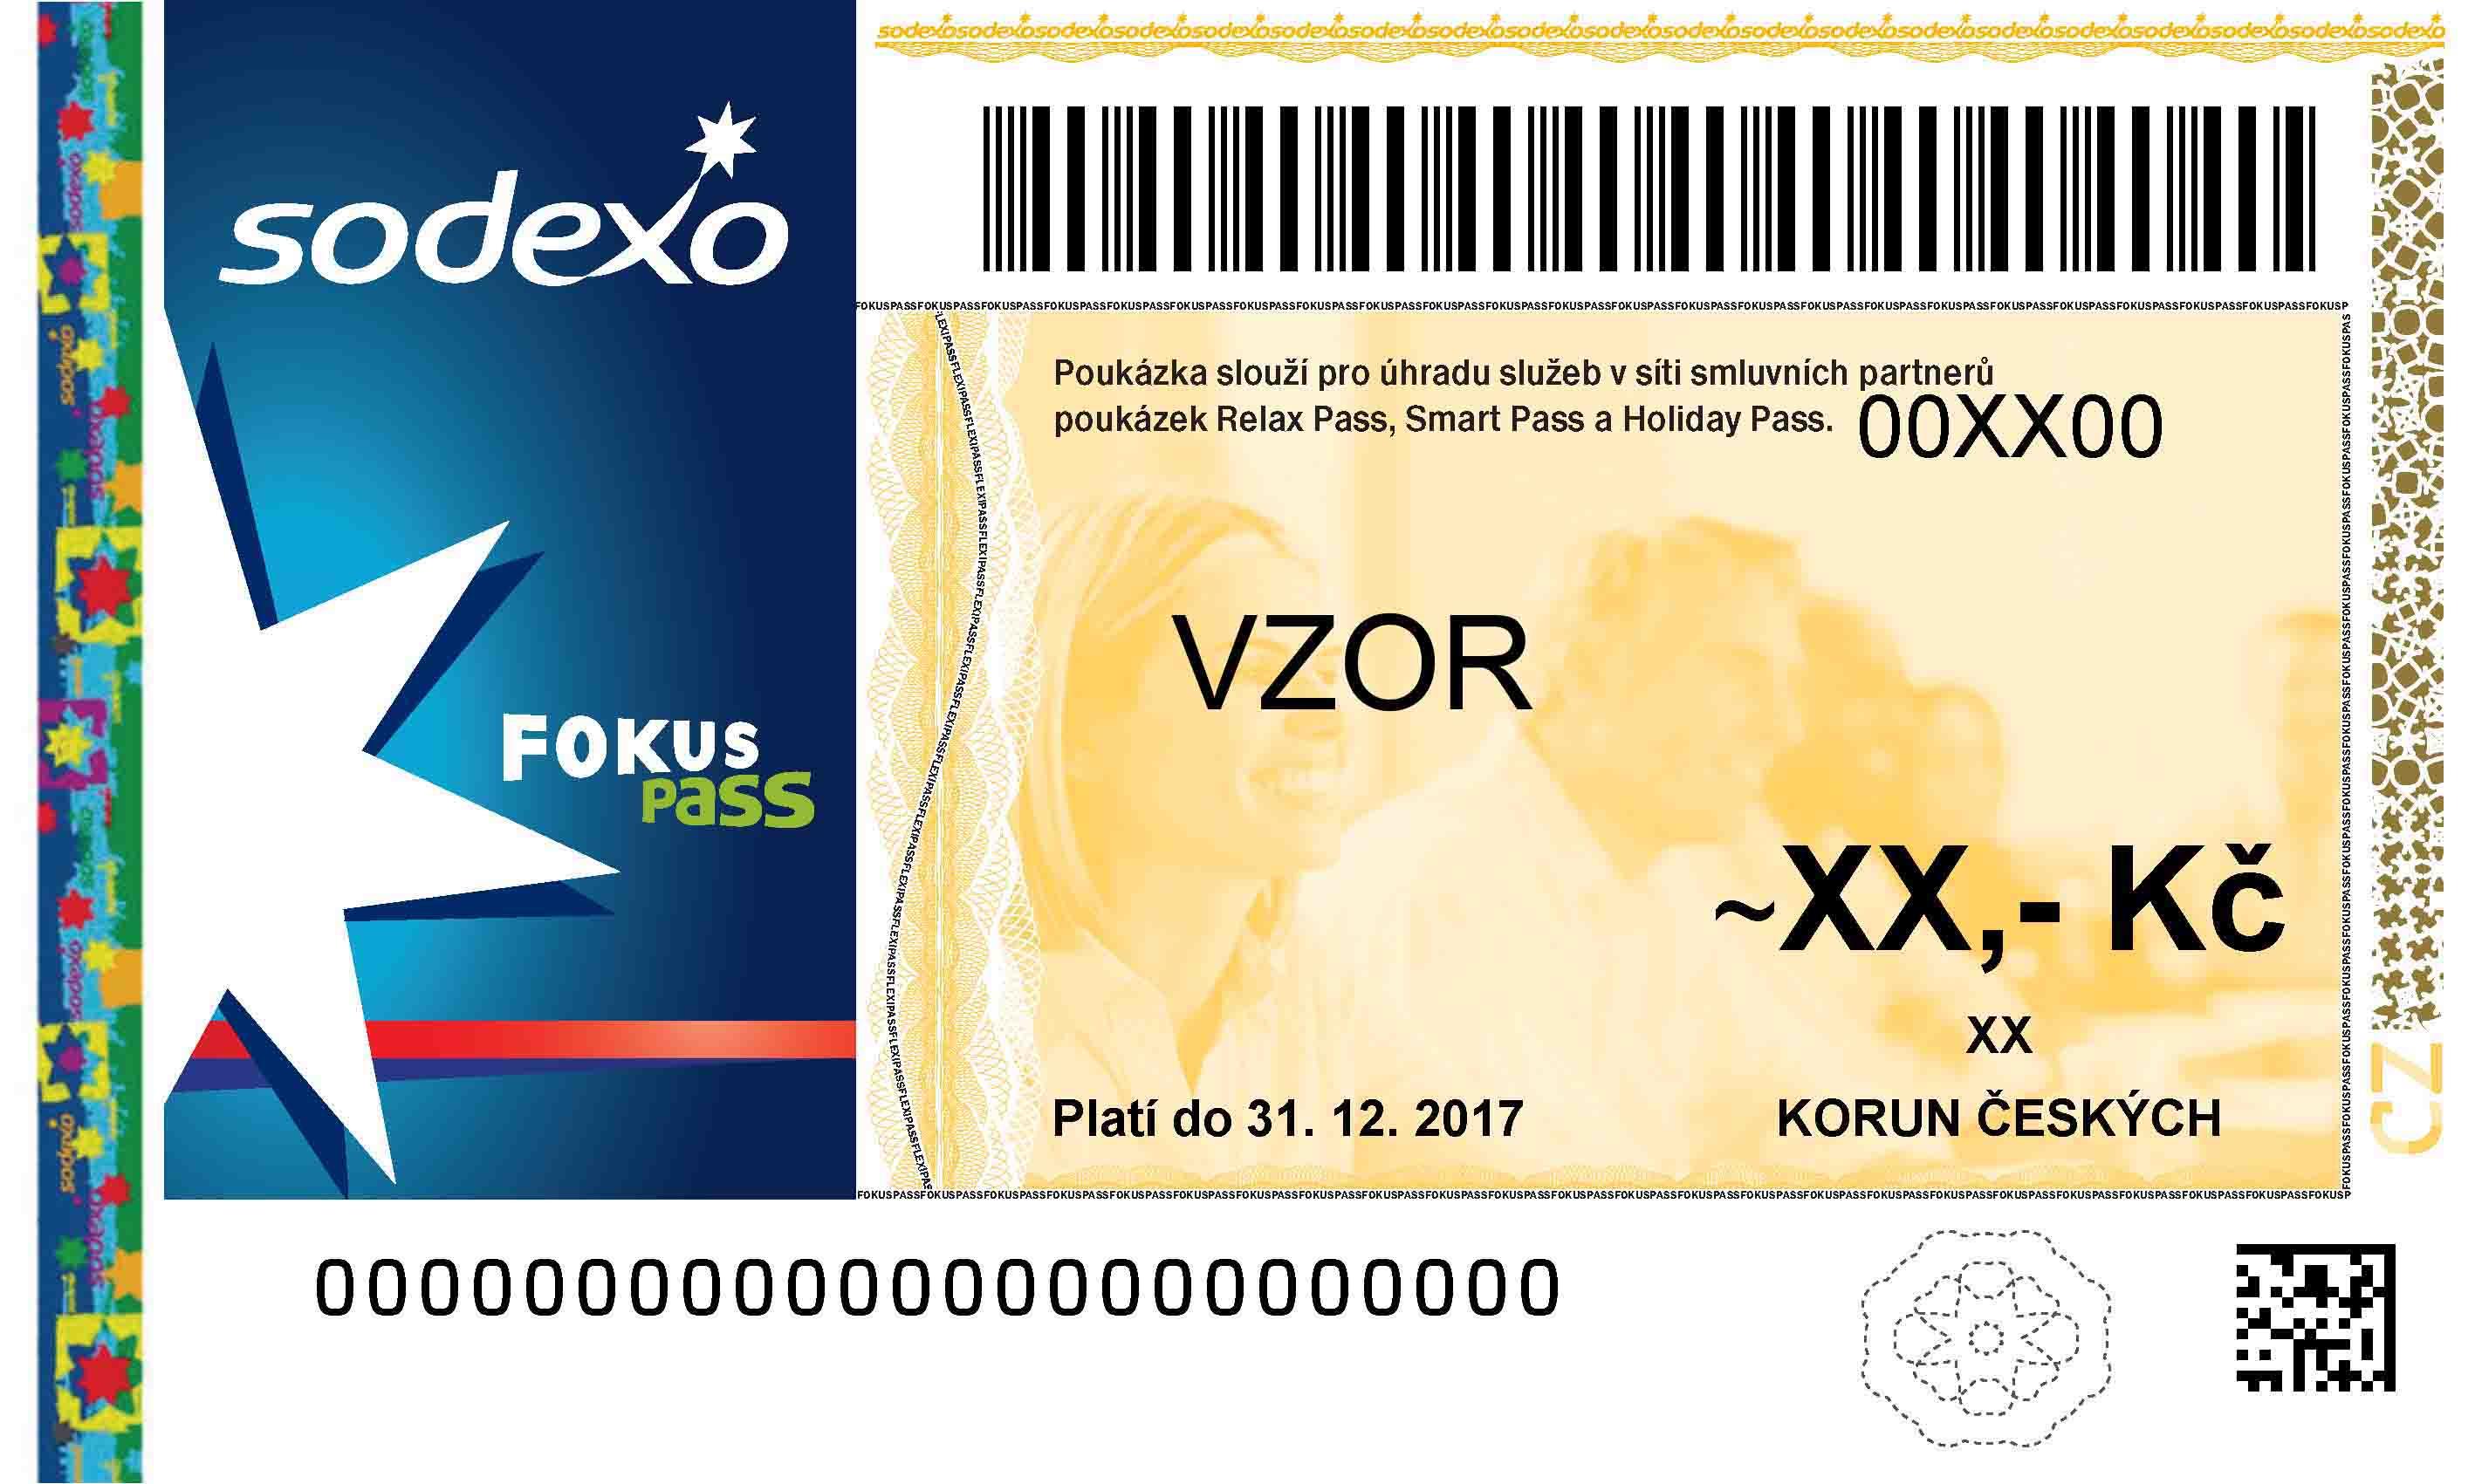 fokus pass